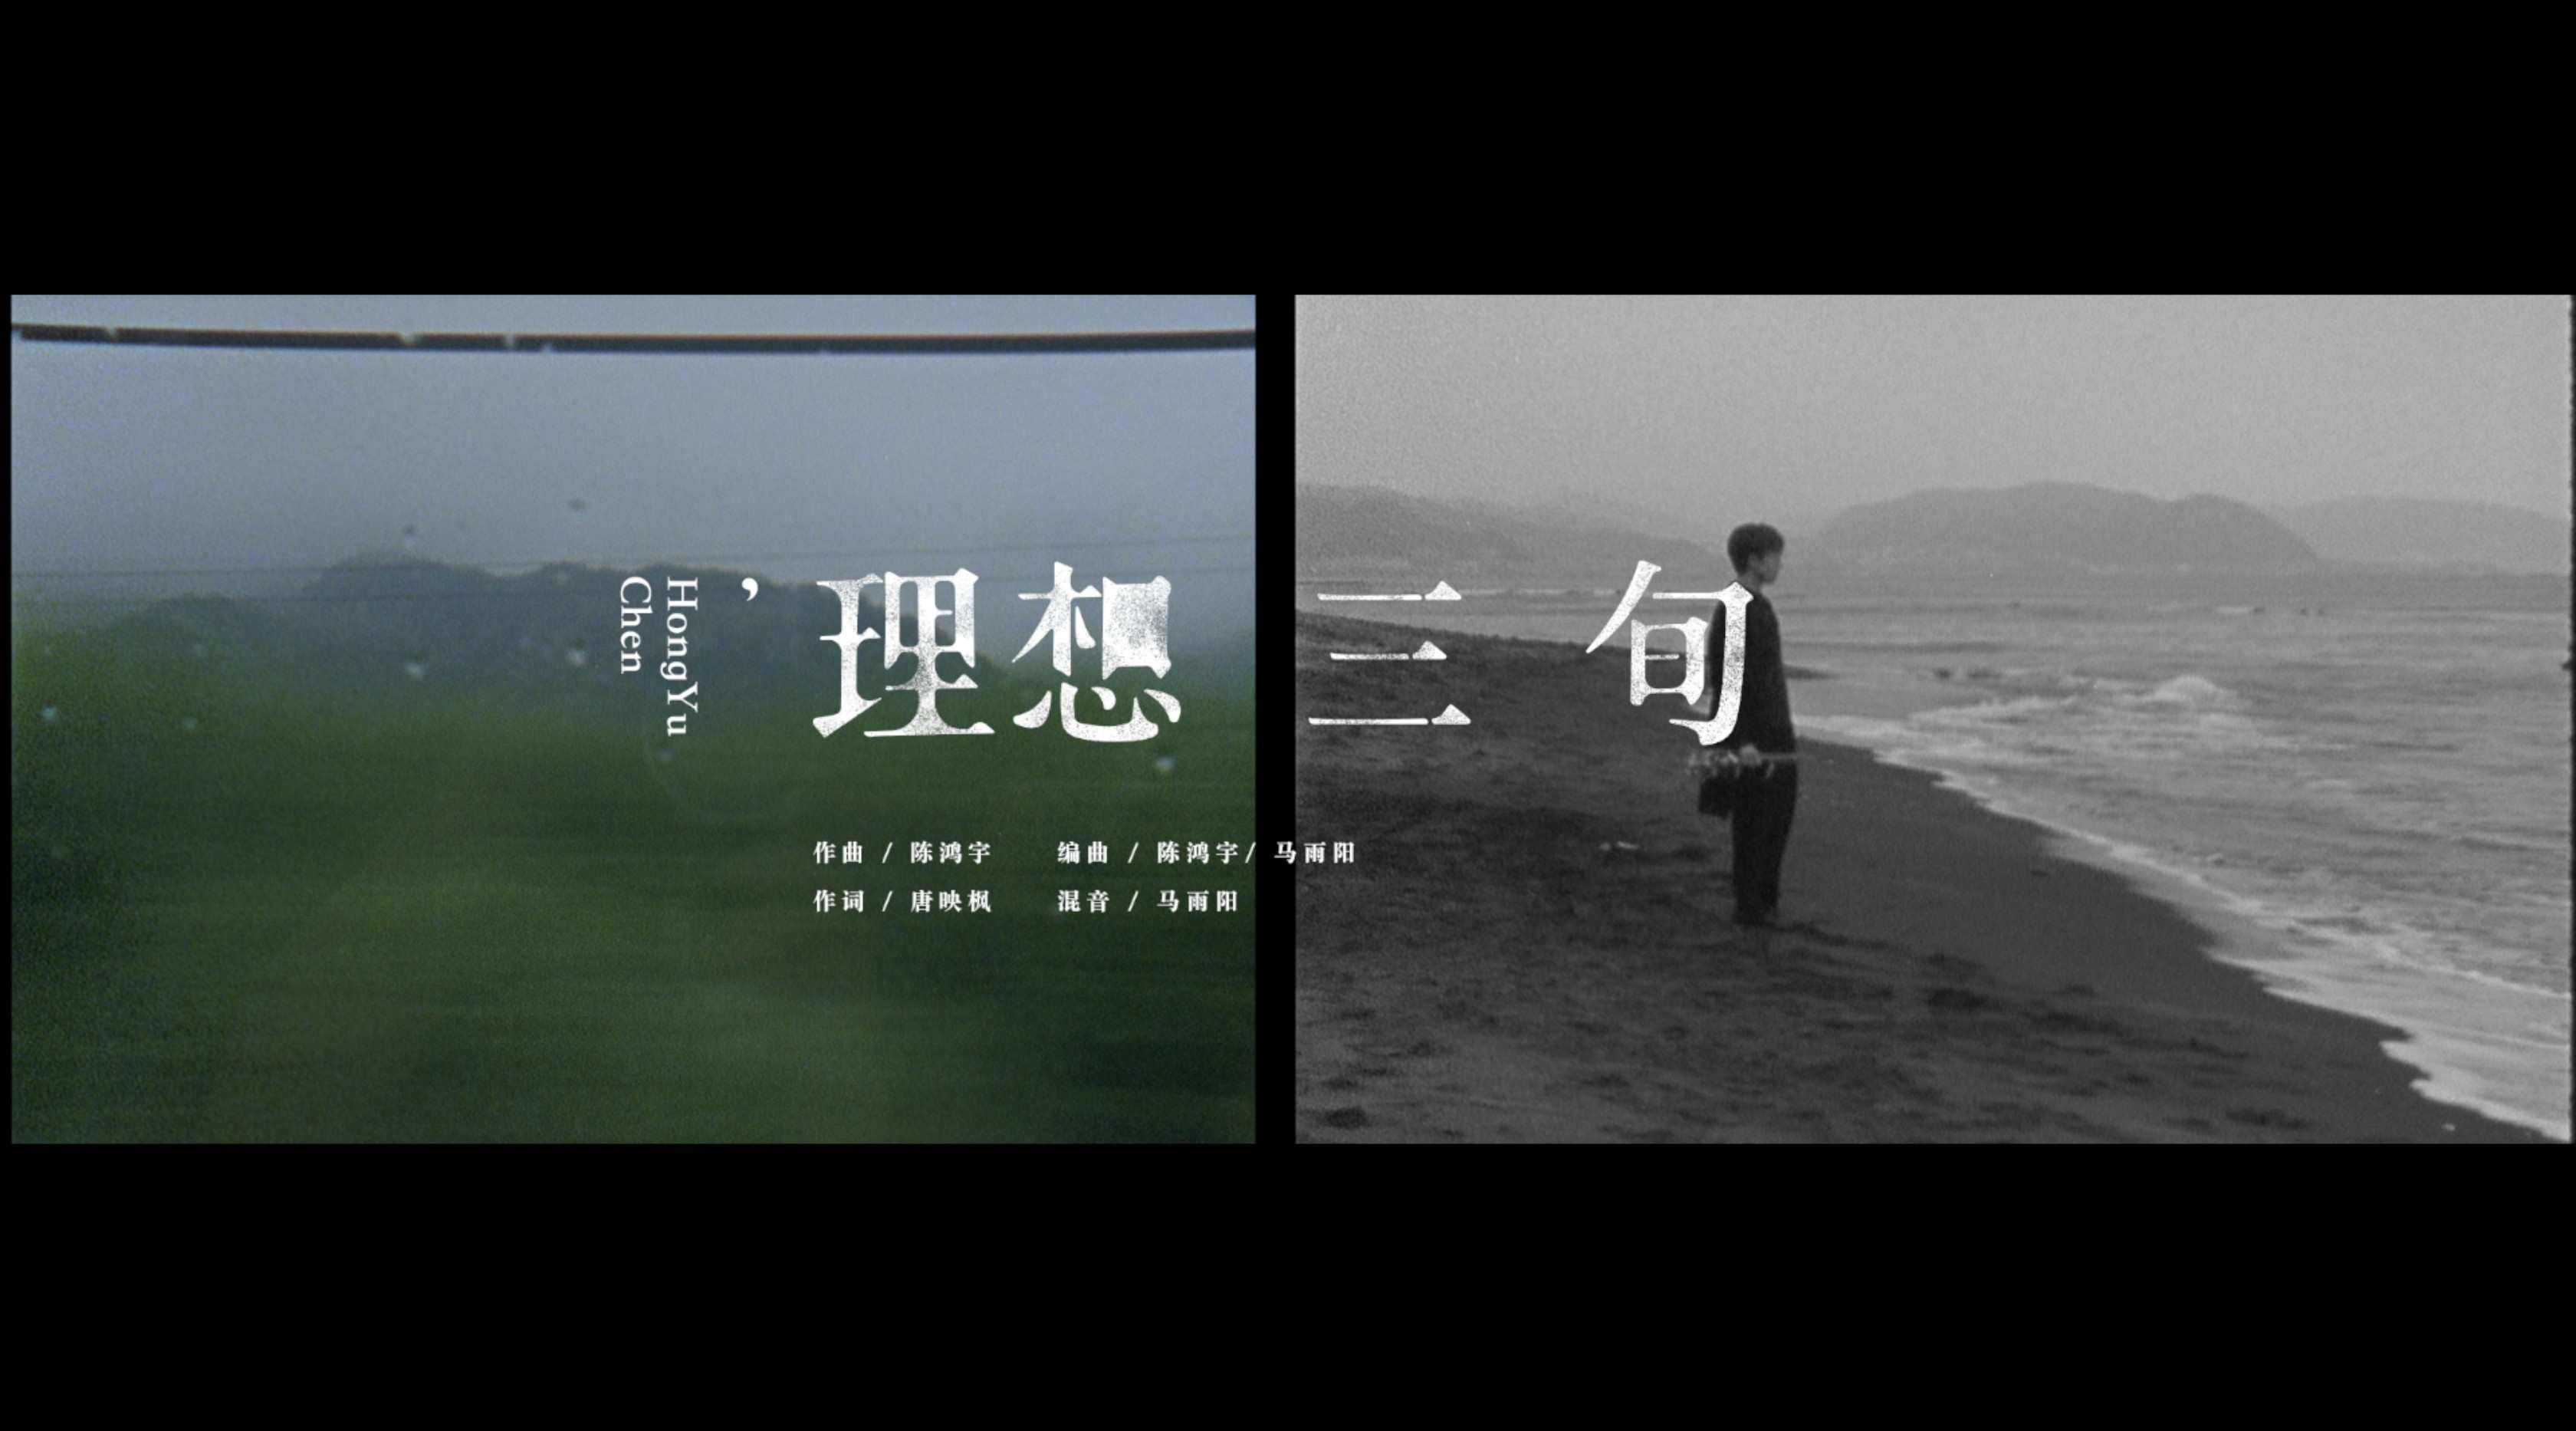 《理想三旬》- 陈鸿宇 官方MV